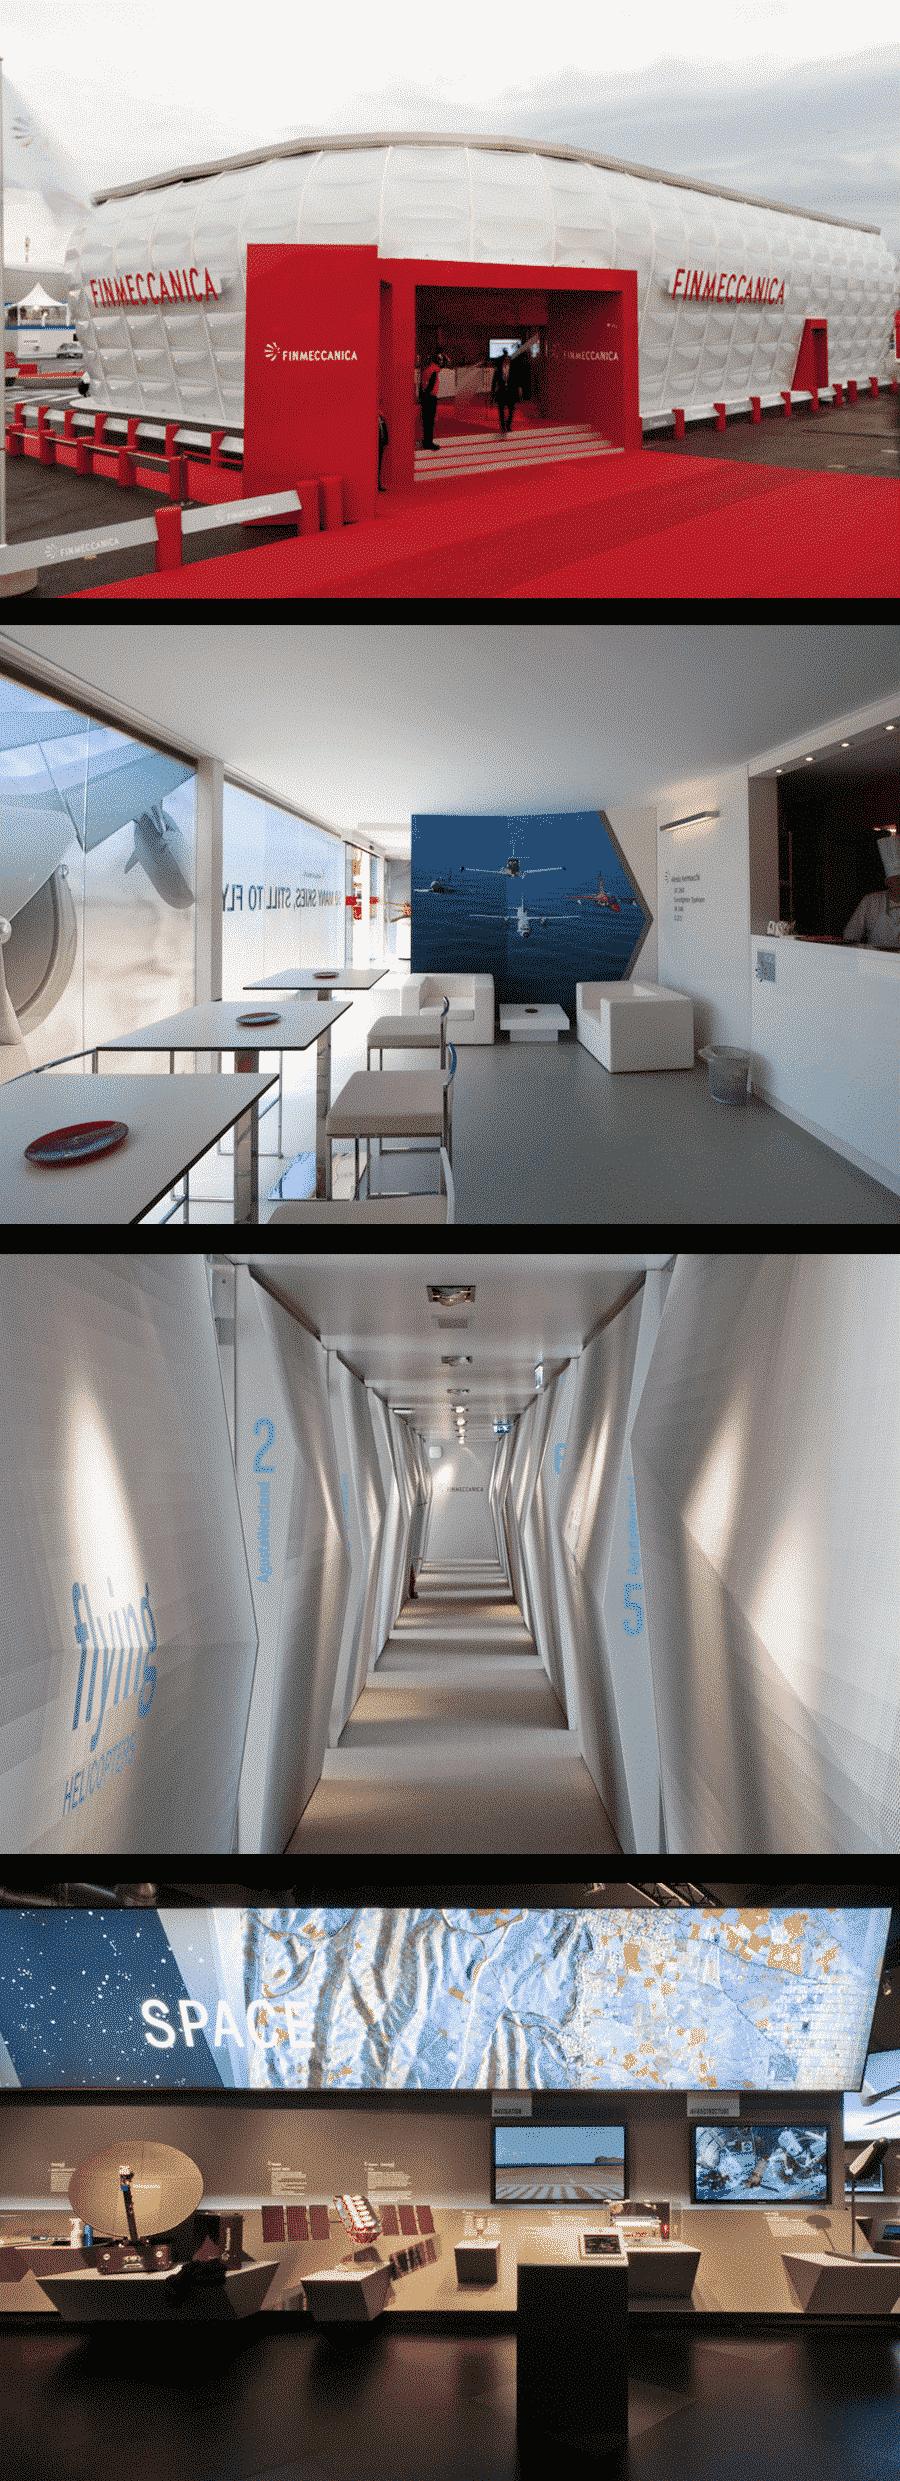 Airshow 2013, GRIDALAB progetta un eco-stand per Finmeccanica